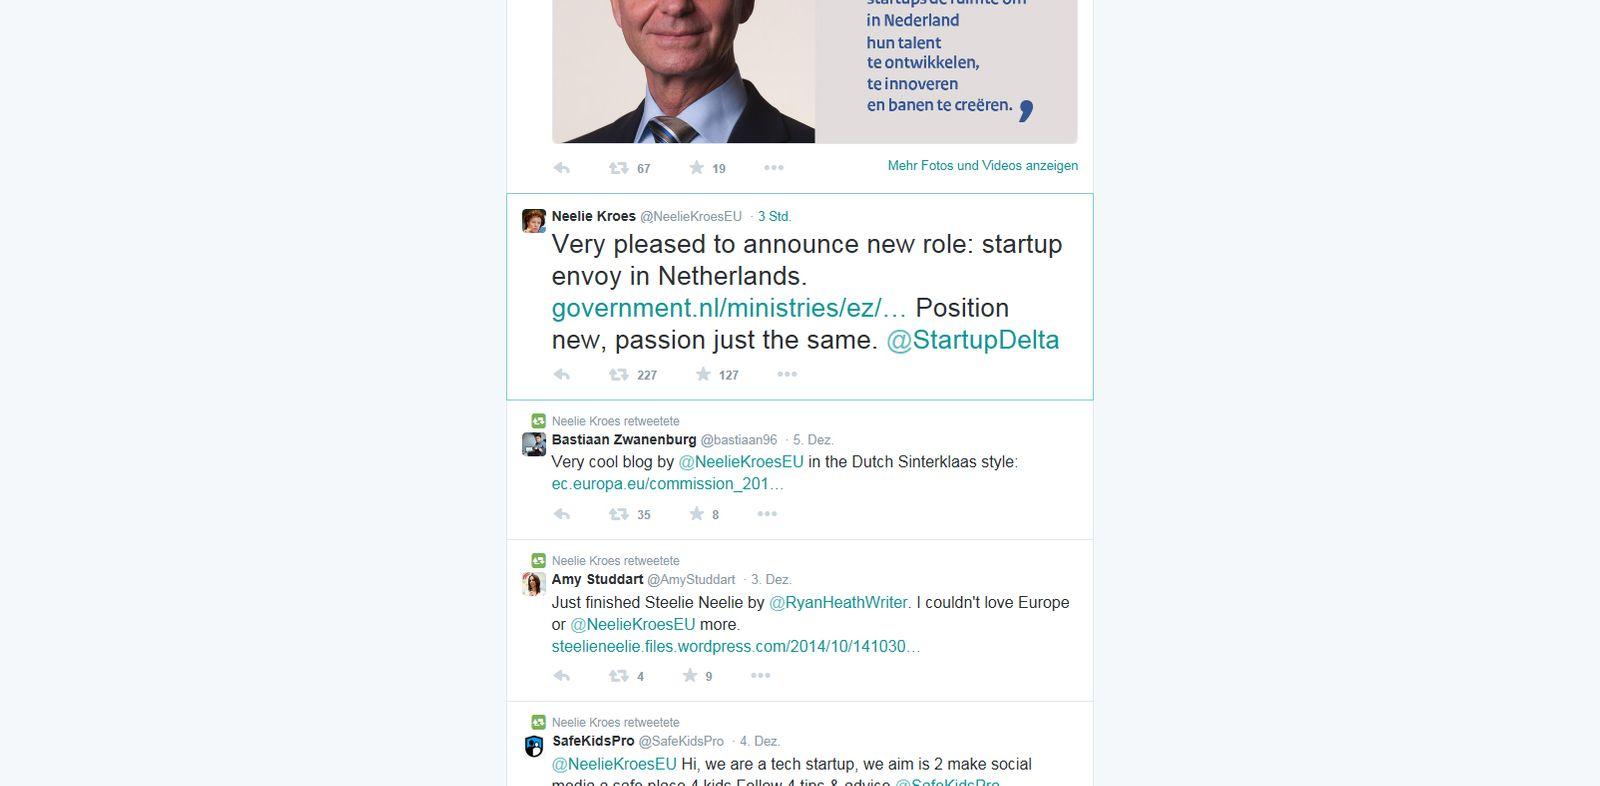 SCREENSHOT Tweet Neelie Kroes